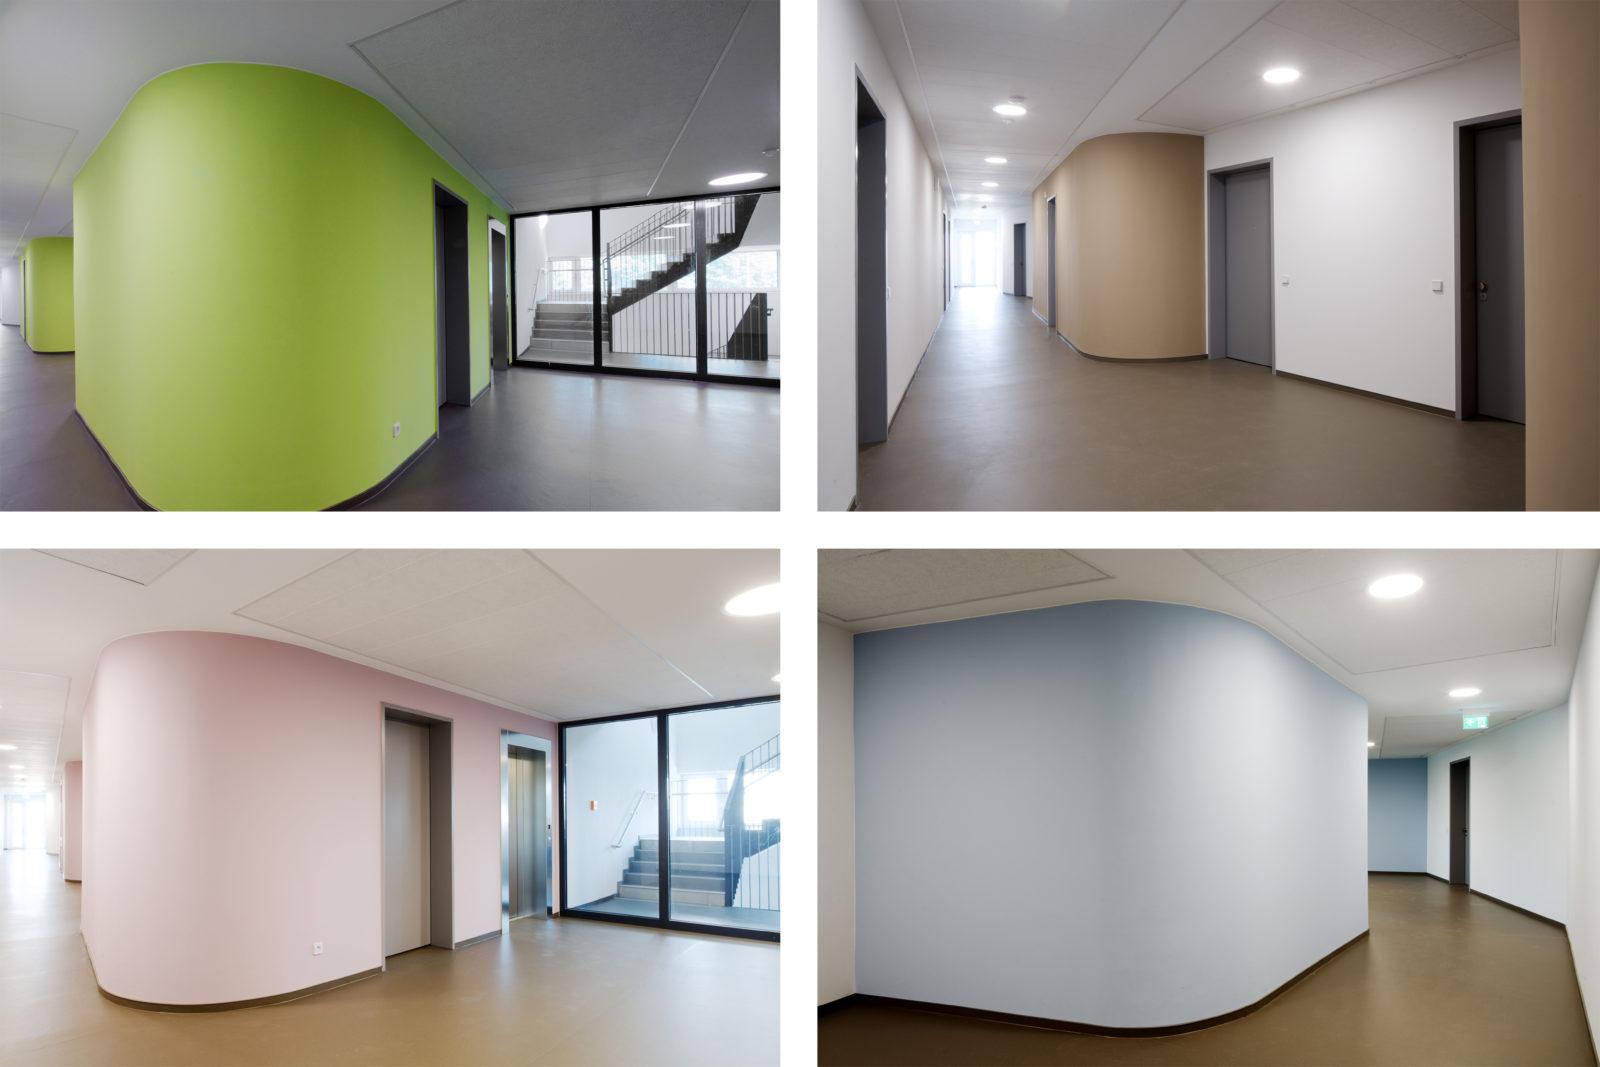 Neubau Altenwohnheim in Leipzig, Eutritzsch - Innen Farbkonzept